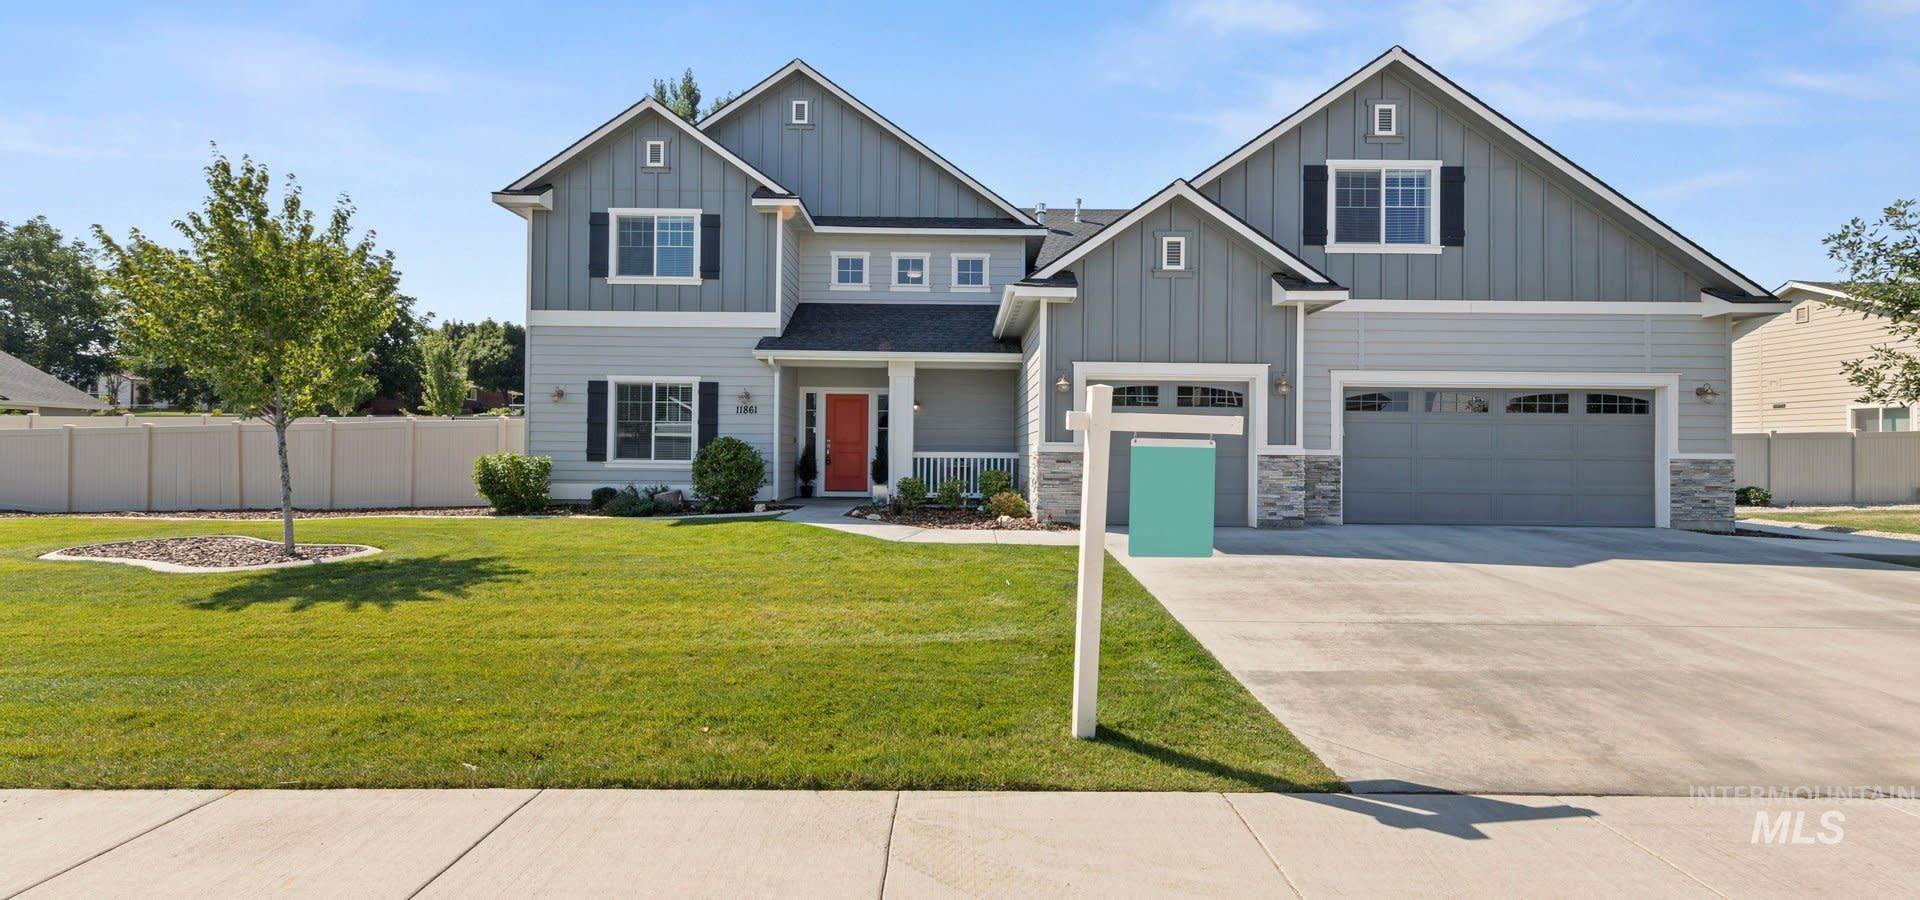 11861 W Hiawatha Dr. Property Photo